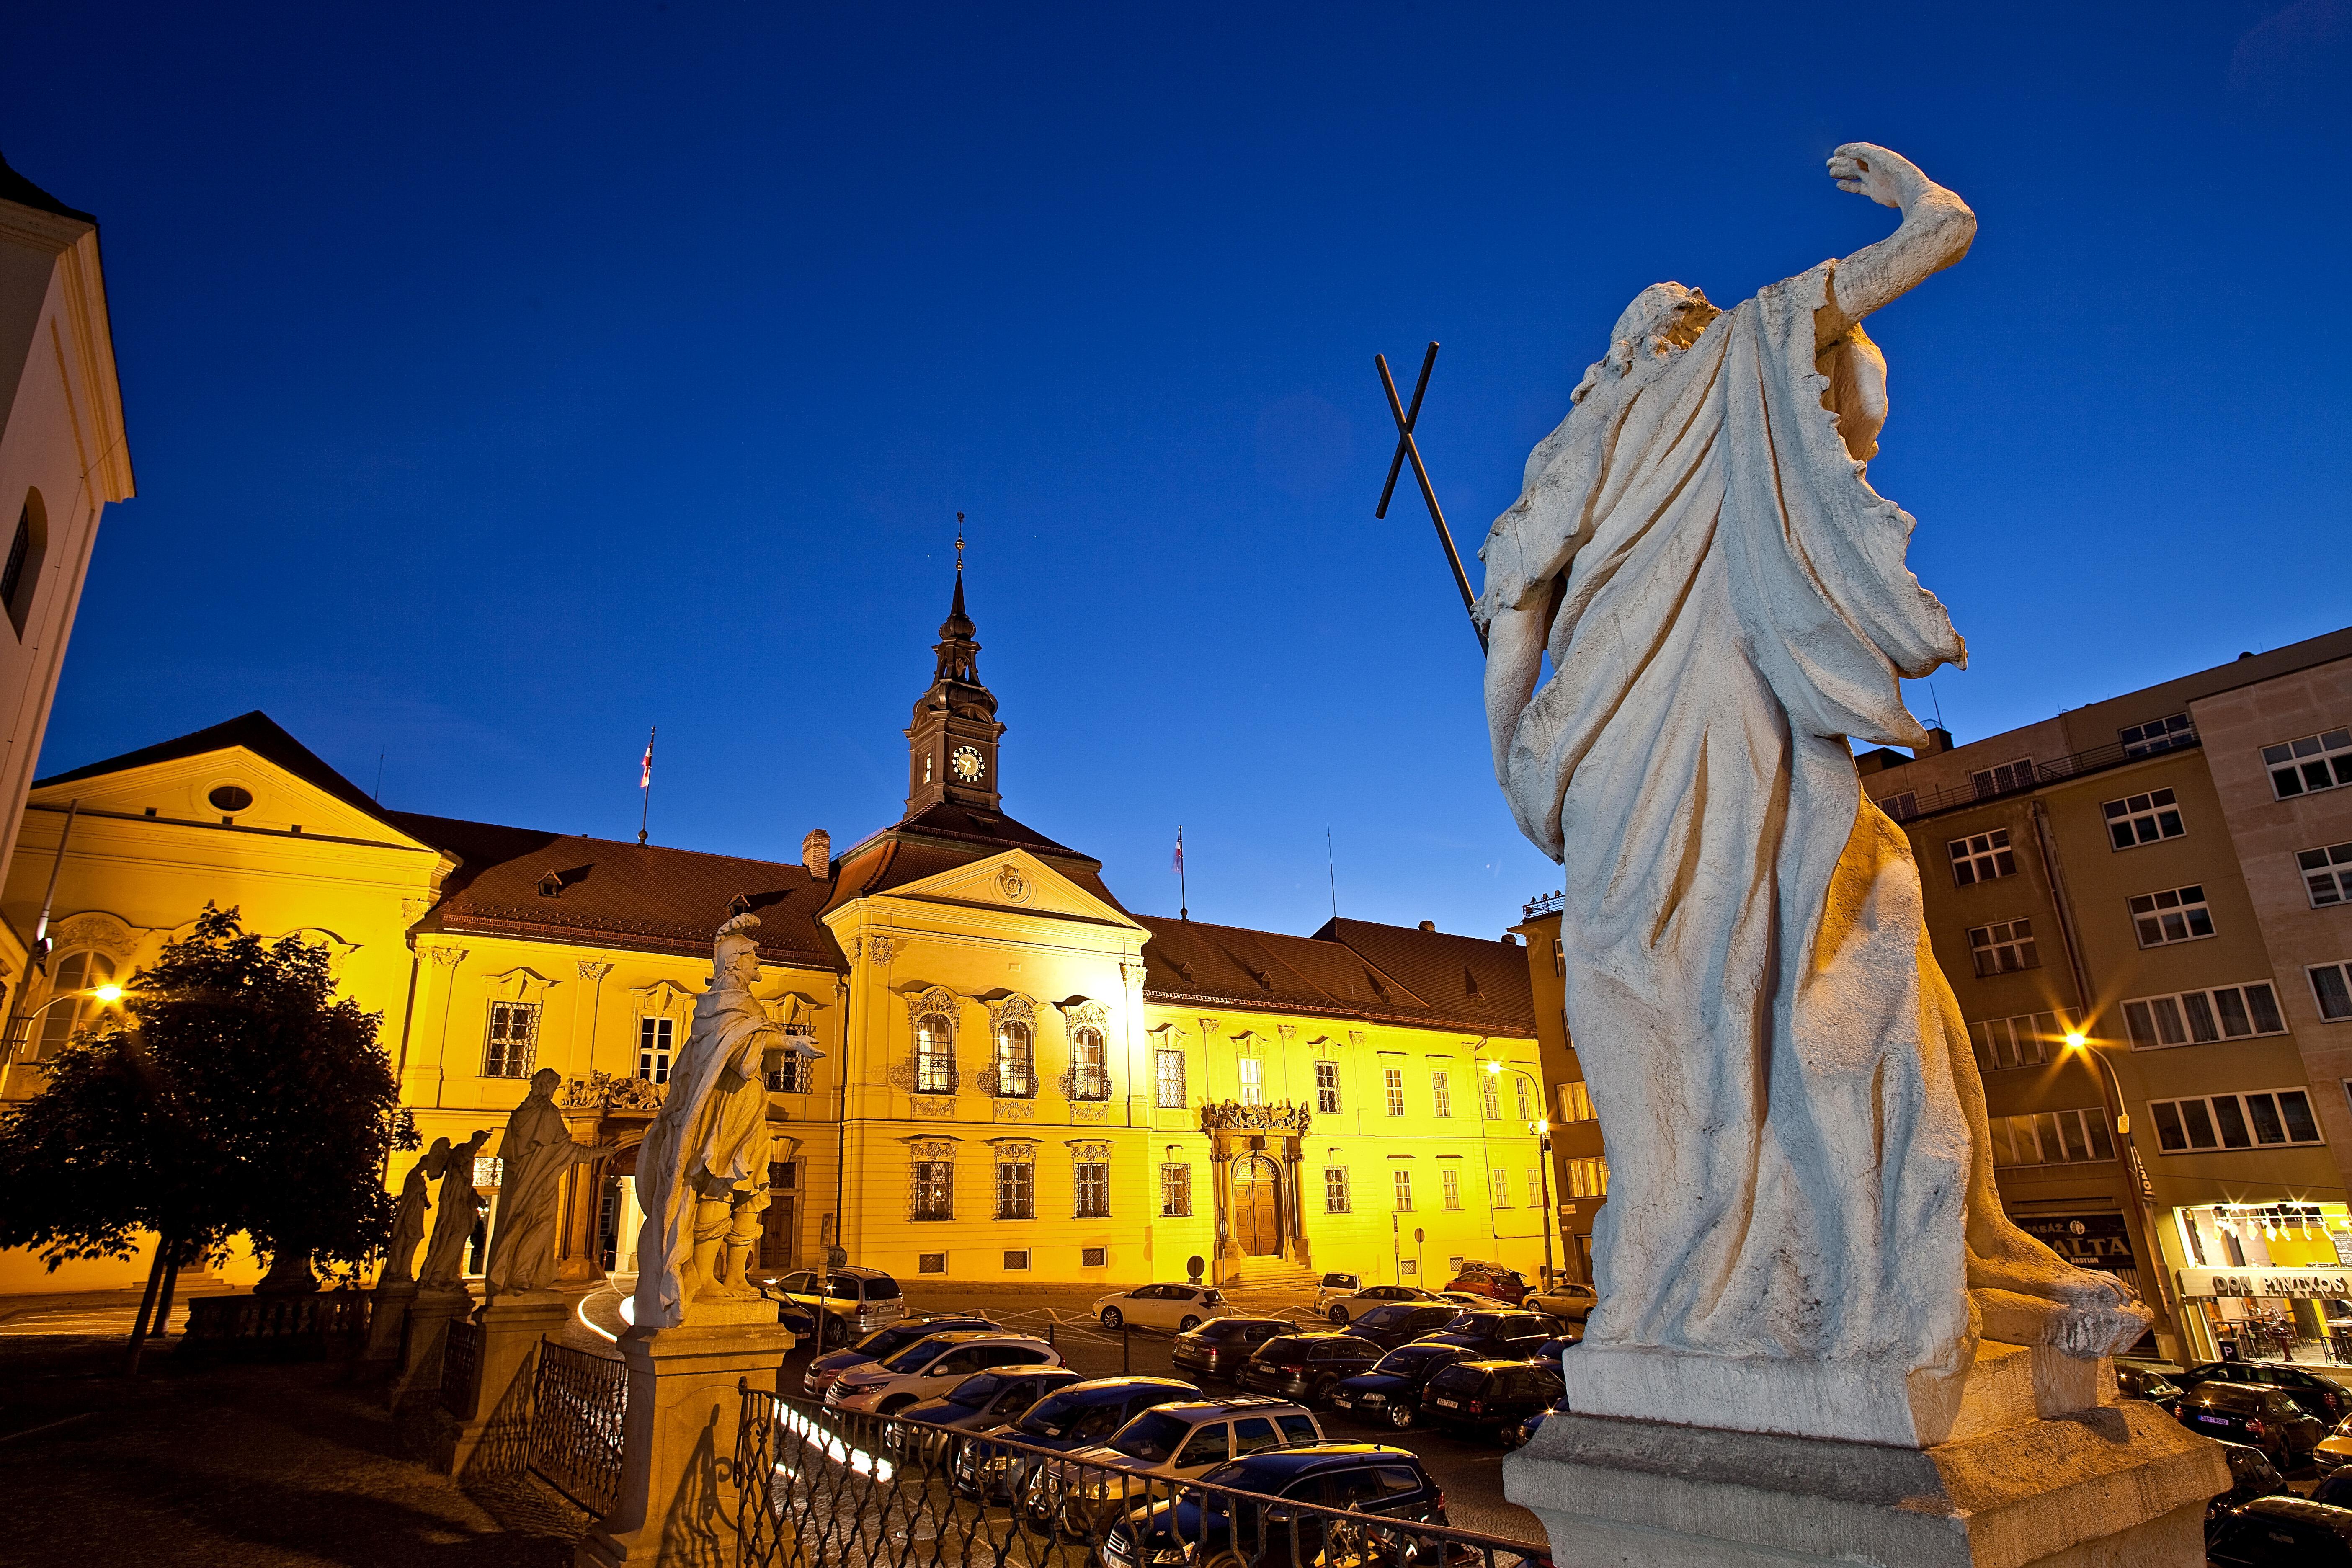 Dominican Square (Dominikánské náměstí) in Brno